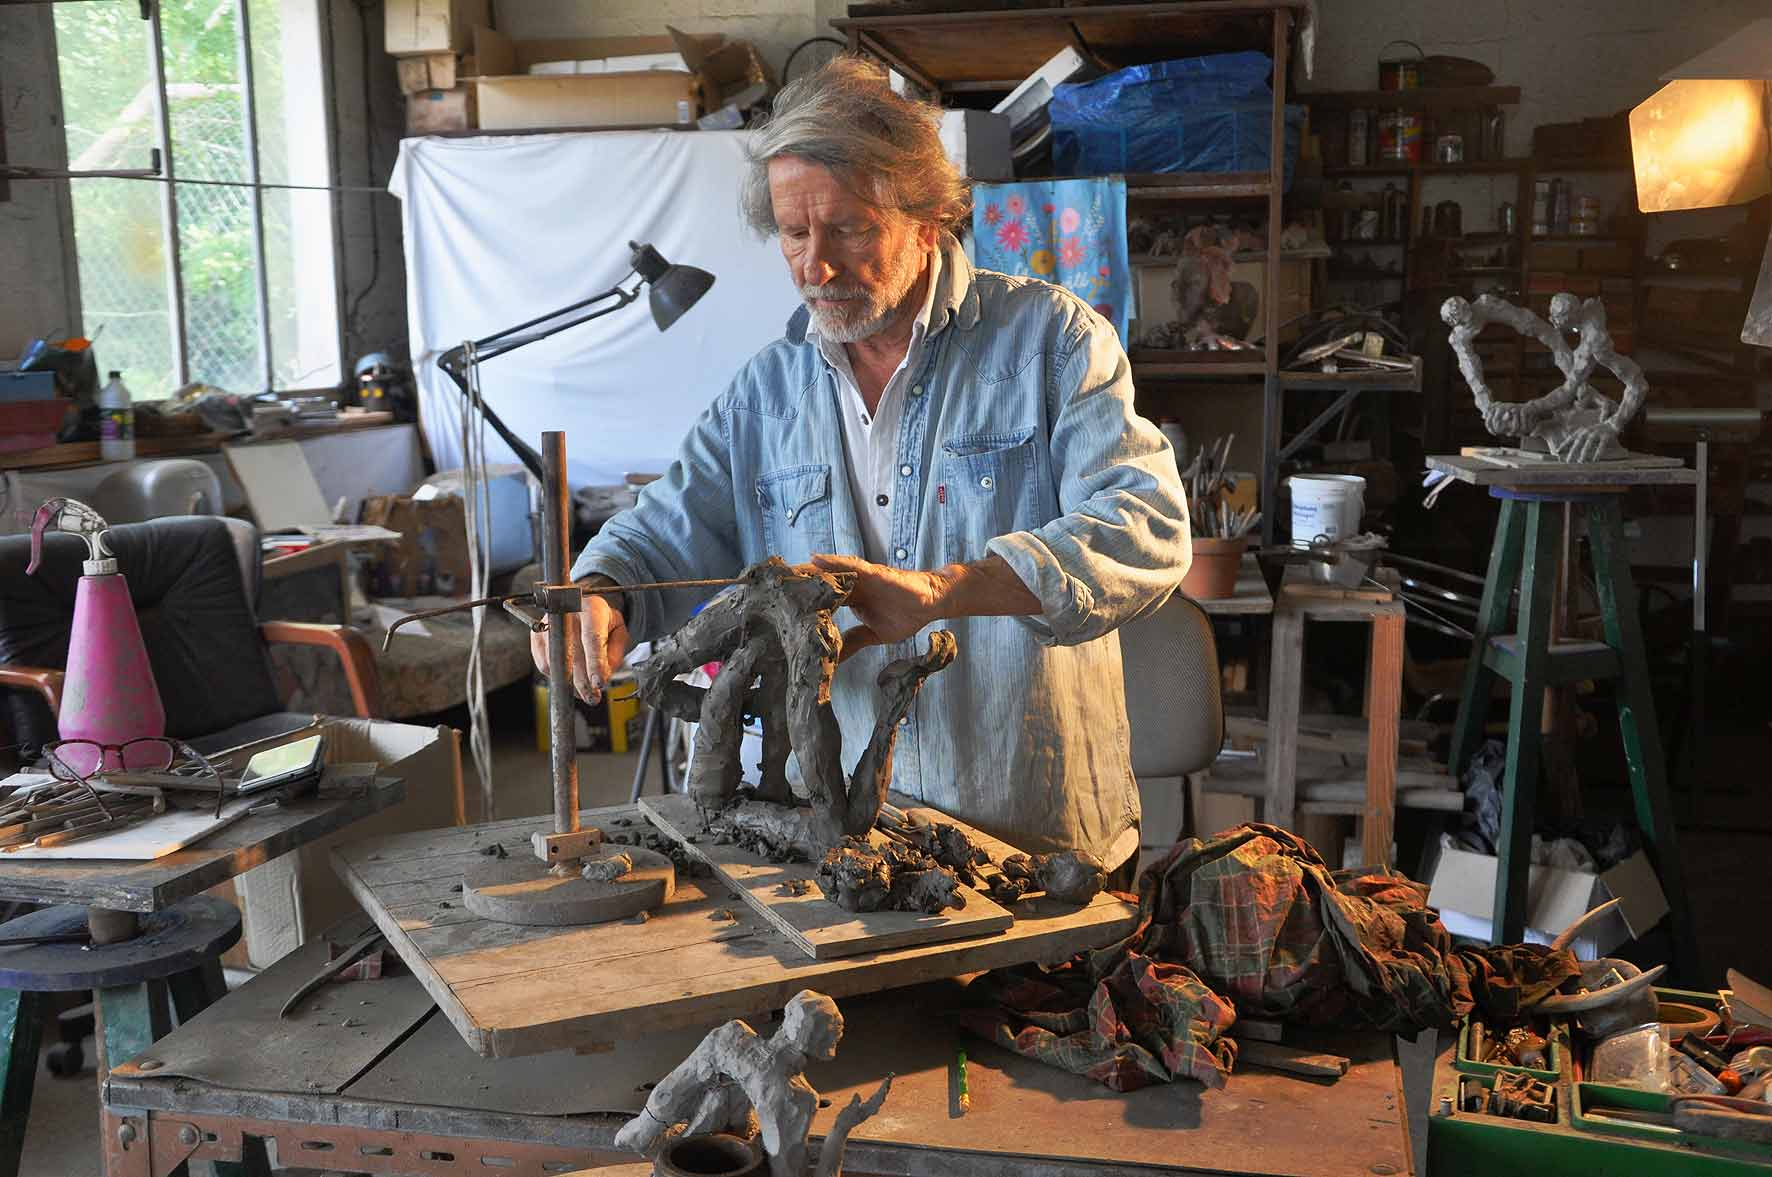 Jean-Pierre Horiot à Sainte-Pazanne, dans la région nantaise, où il œuvre aujourd'hui dans un atelier situé en plein milieu d'une fabrique semi-industrielle de bois de chauffage.